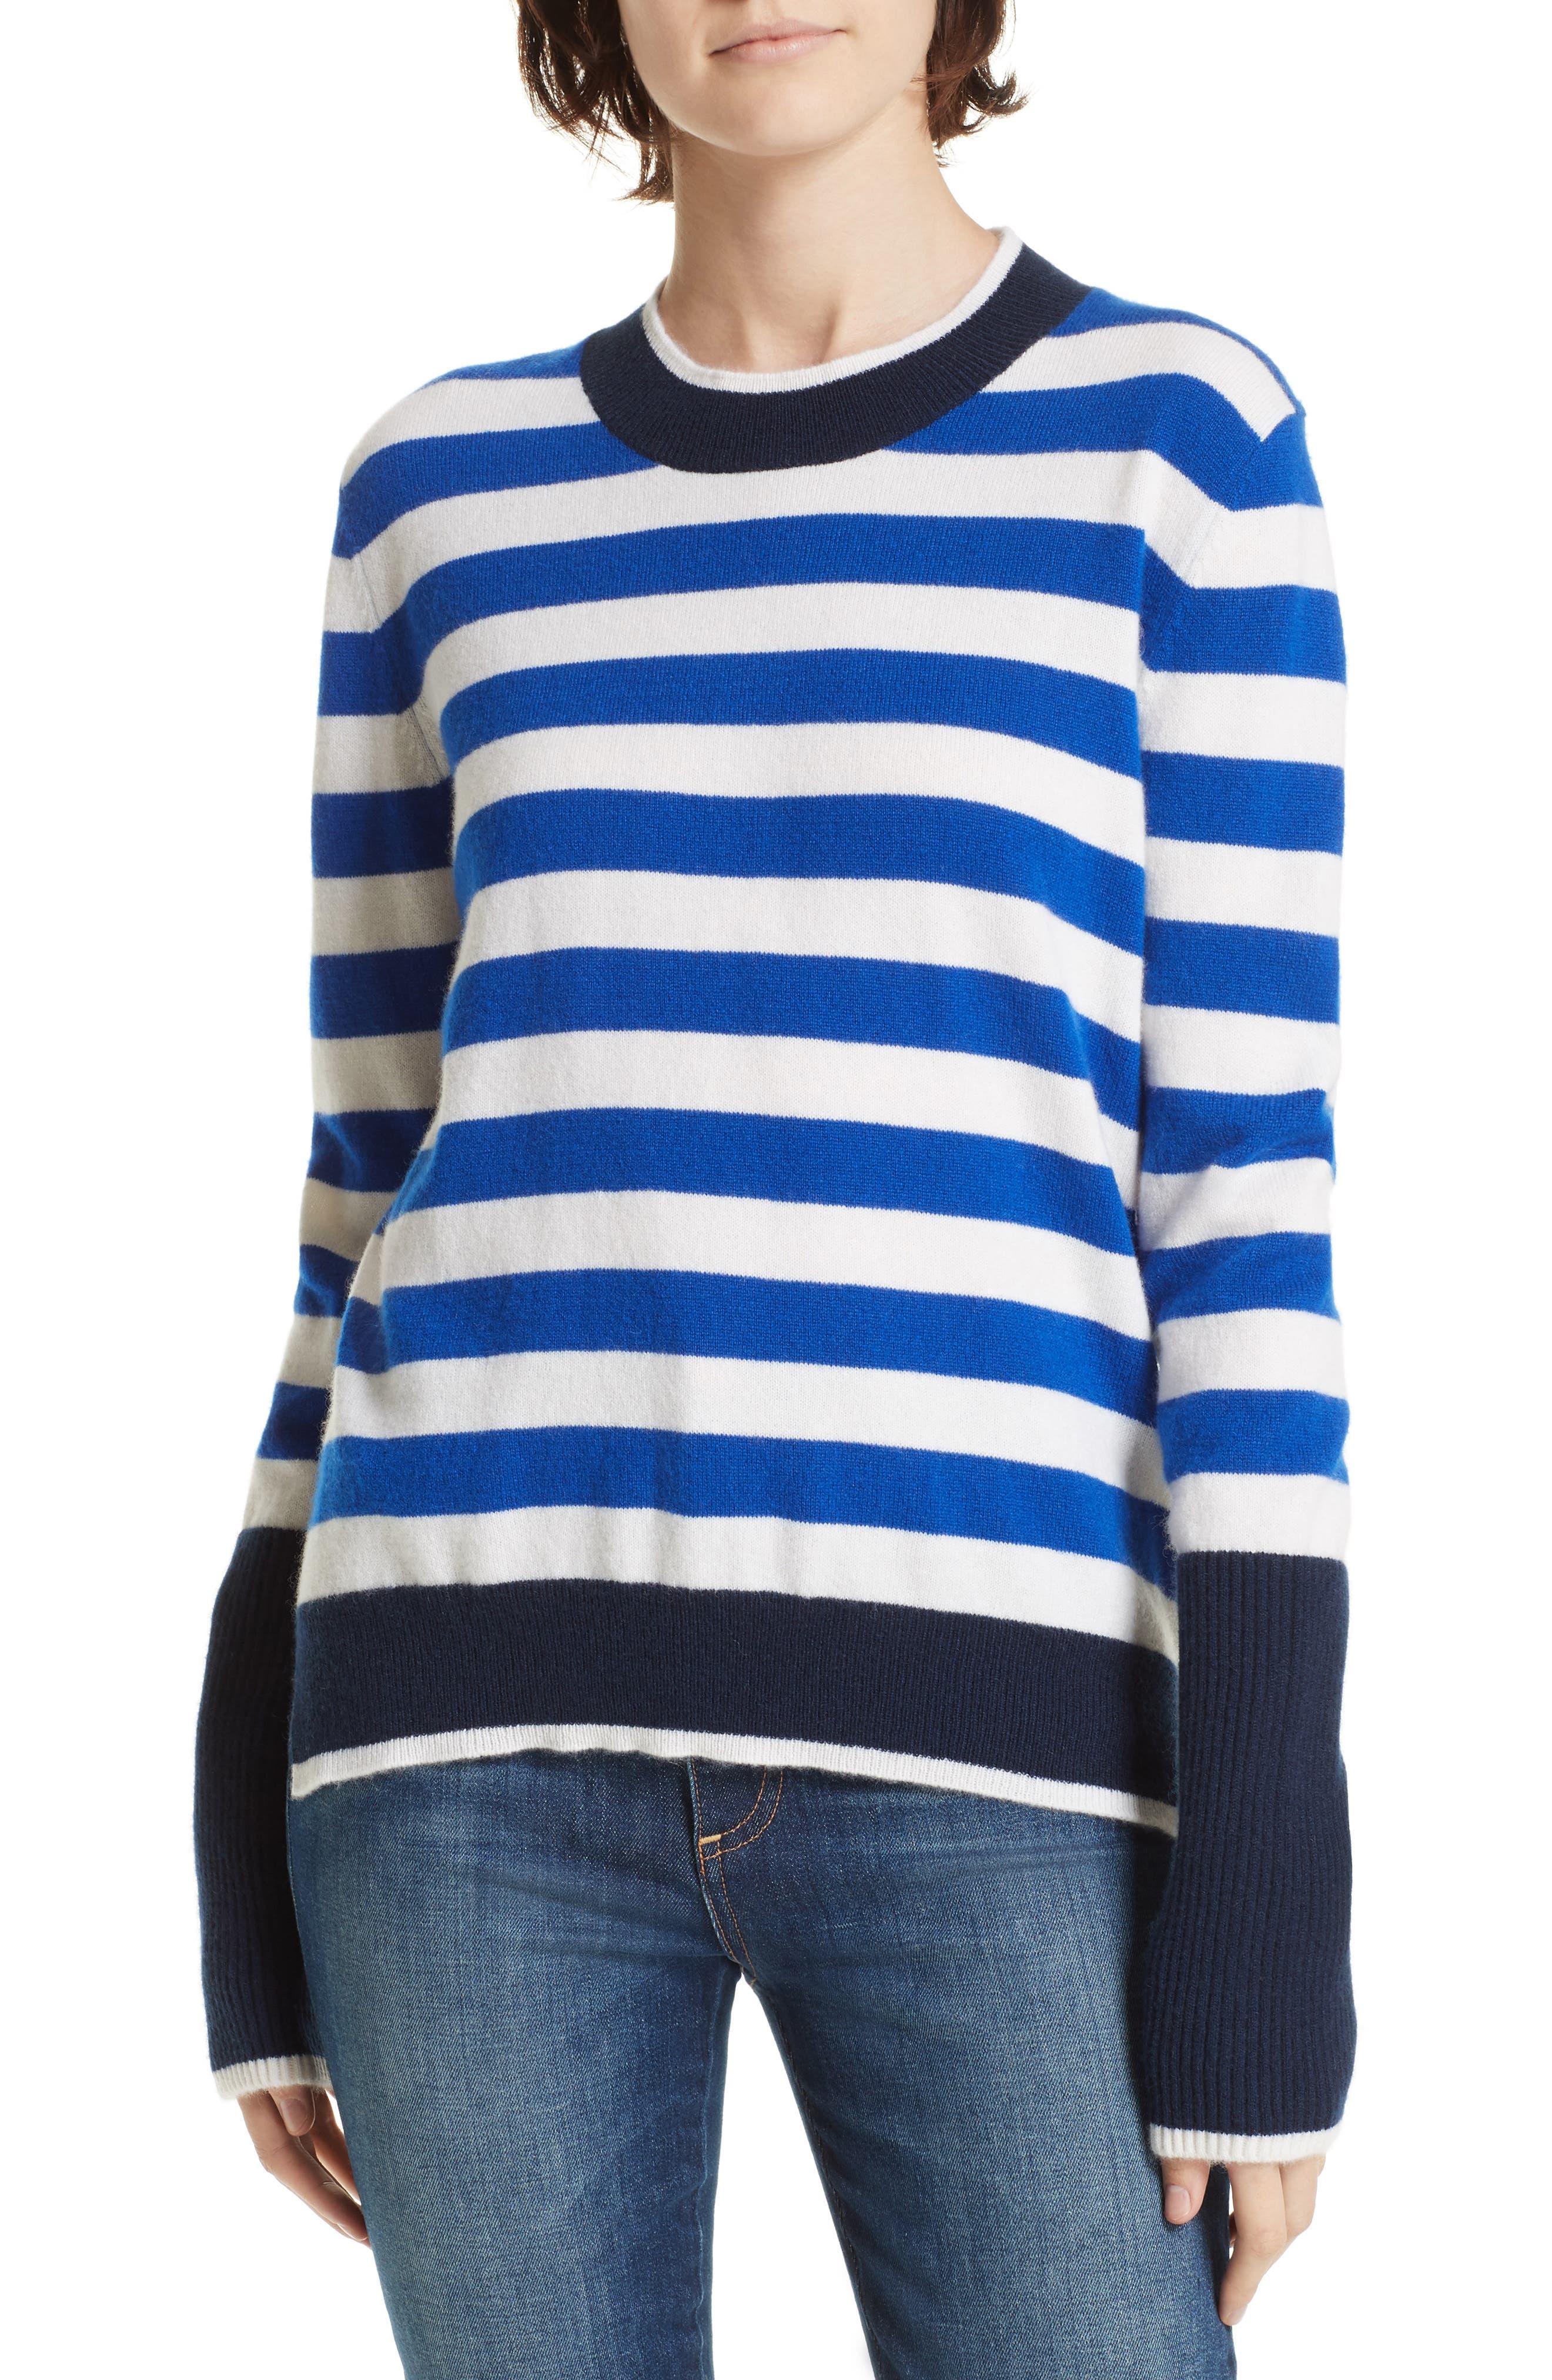 LA LIGNE L'Universite Cashmere Sweater in Bright Blue/ Cream/ Navy